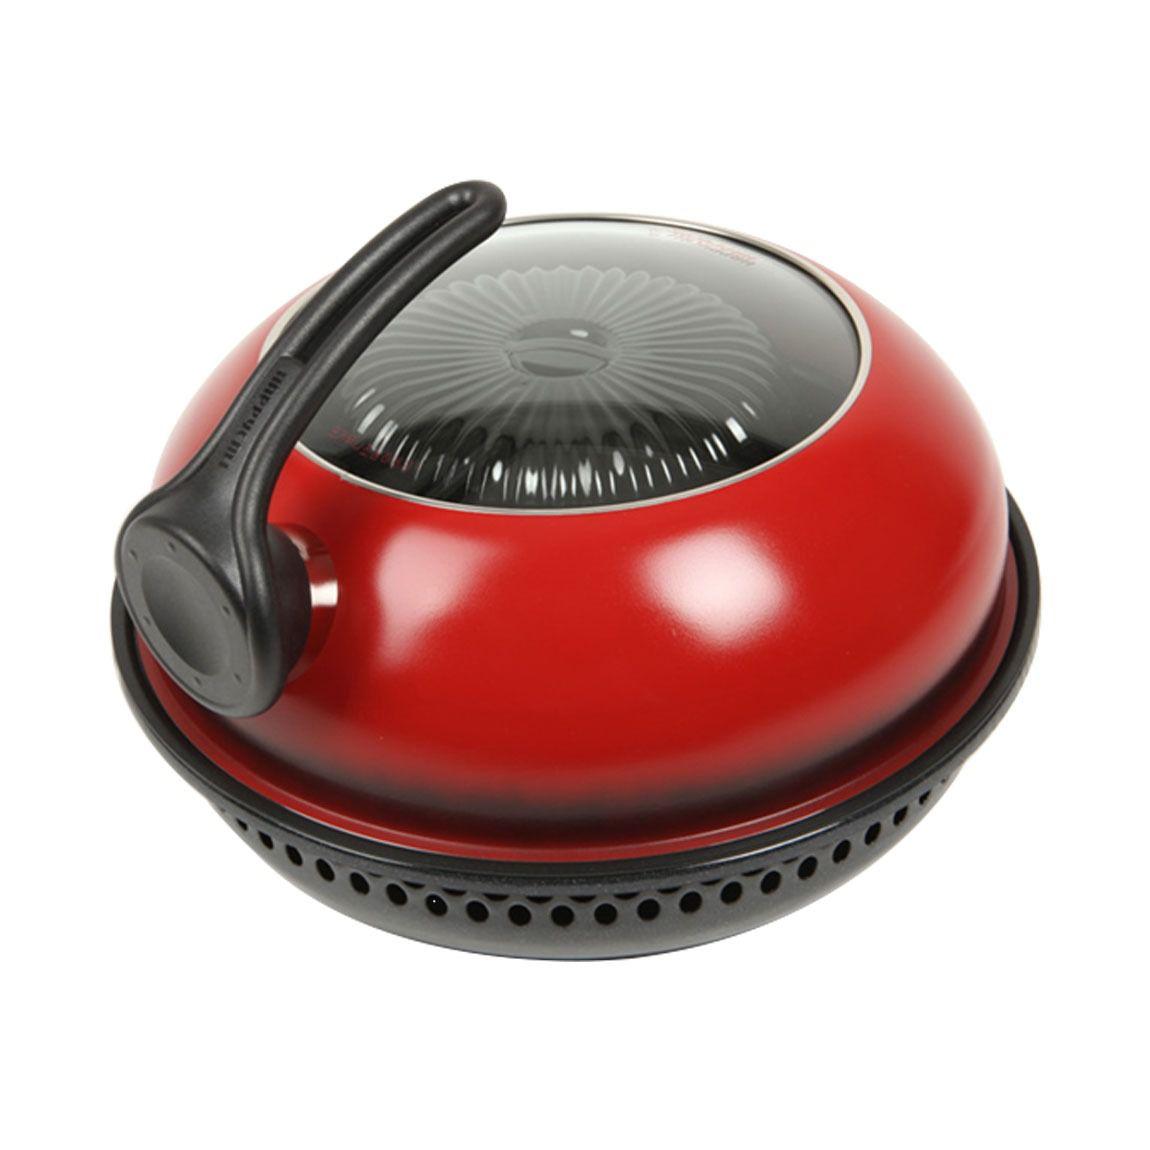 Churrasqueira para Fogão Direct Gas Fired Oven Vermelha